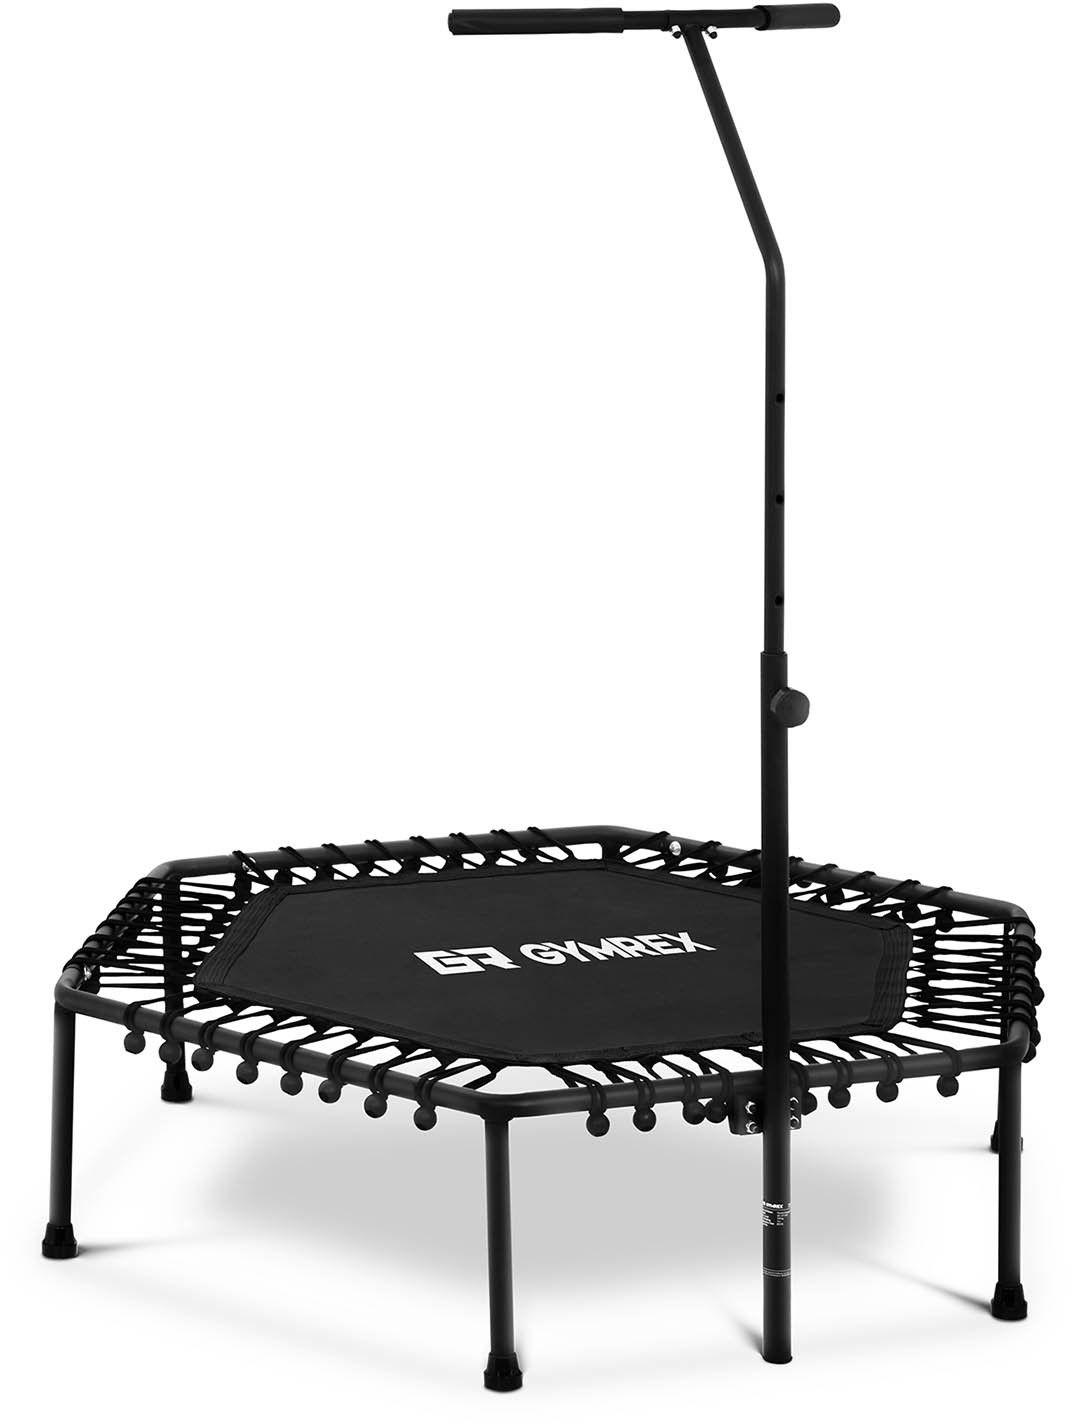 Trampolina z uchwytem - do 100 kg - czarna - 124 cm - Gymrex - GR-HT110G - 3 lata gwarancji/wysyłka w 24h